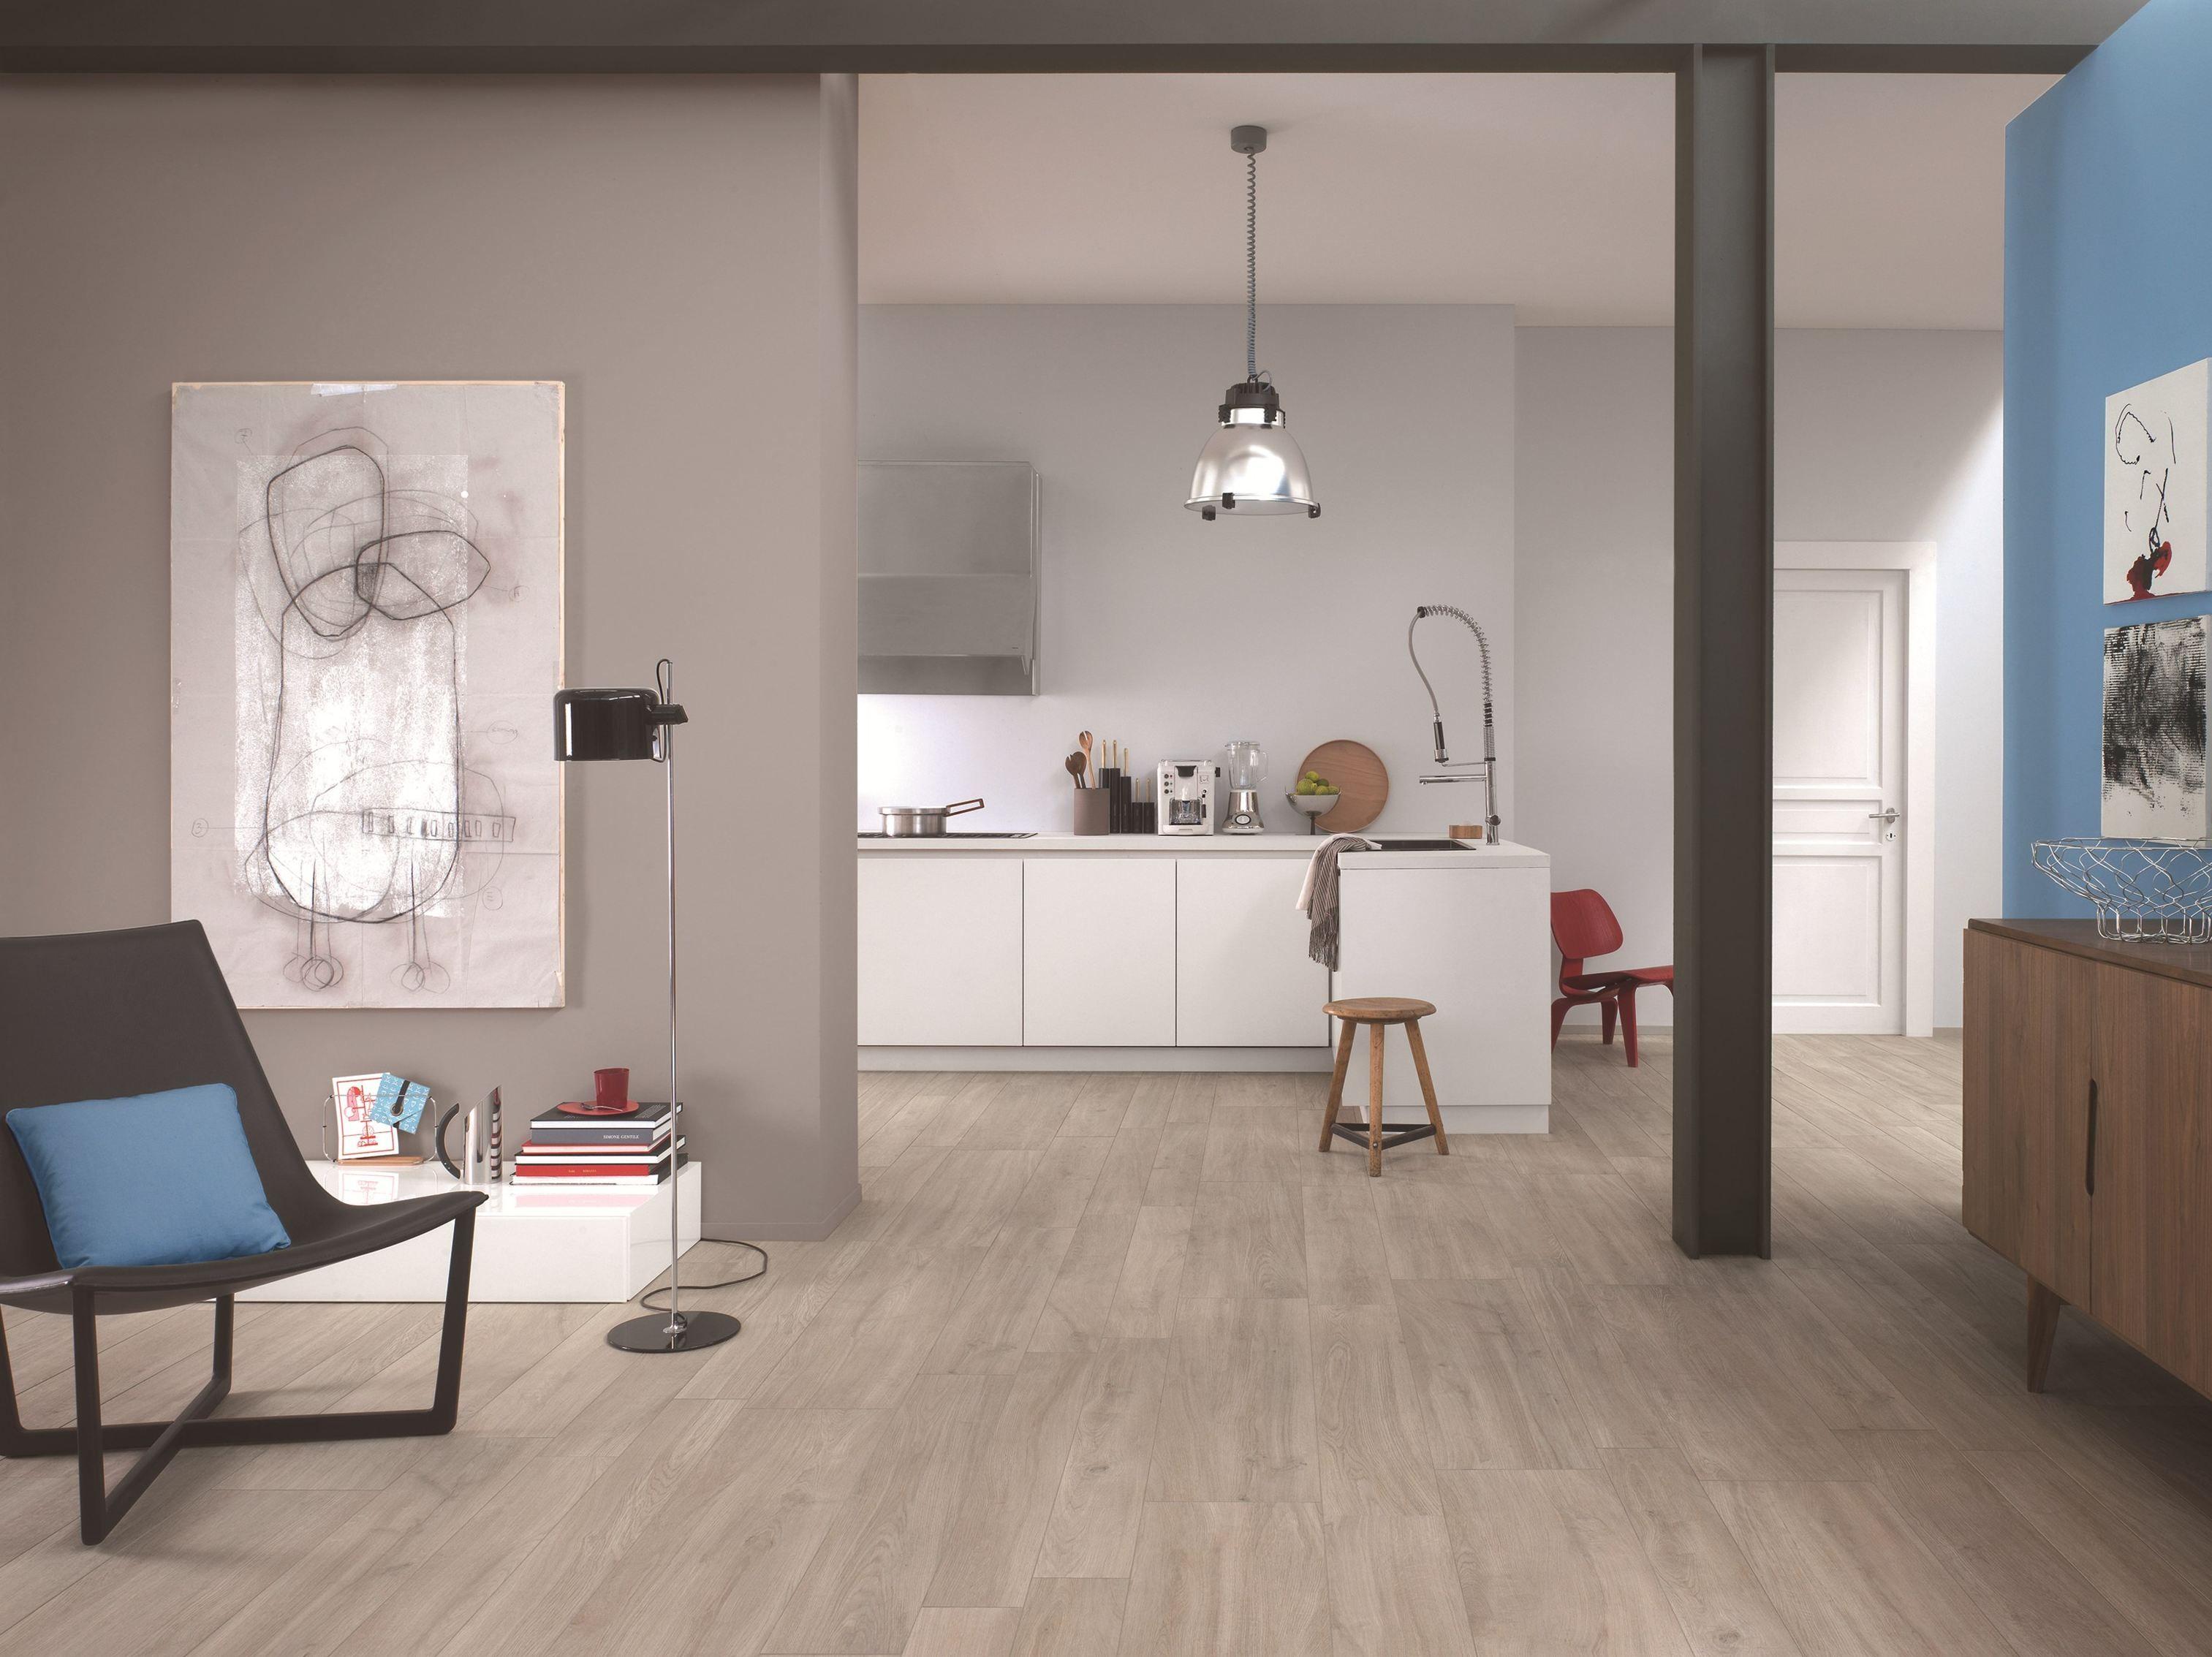 Pavimento in gres porcellanato effetto legno woodliving by ragno - Piastrelle ragno prezzi ...